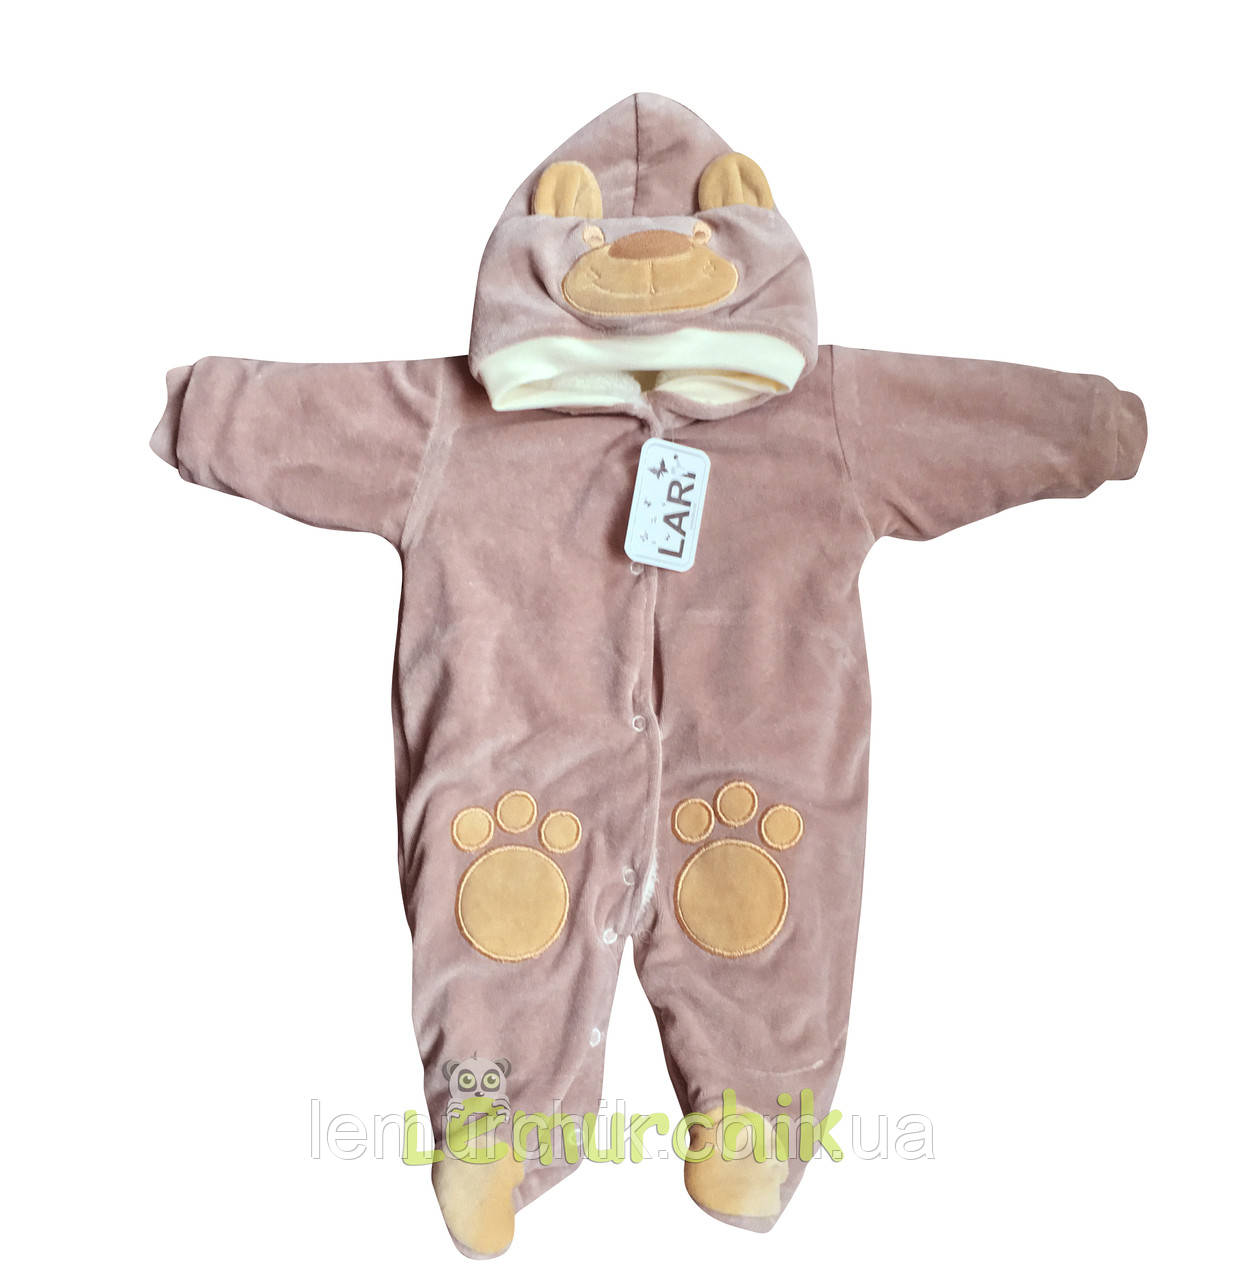 """Комбінезон дитячий утеплений з капюшоном """"Панда"""" коричневий"""